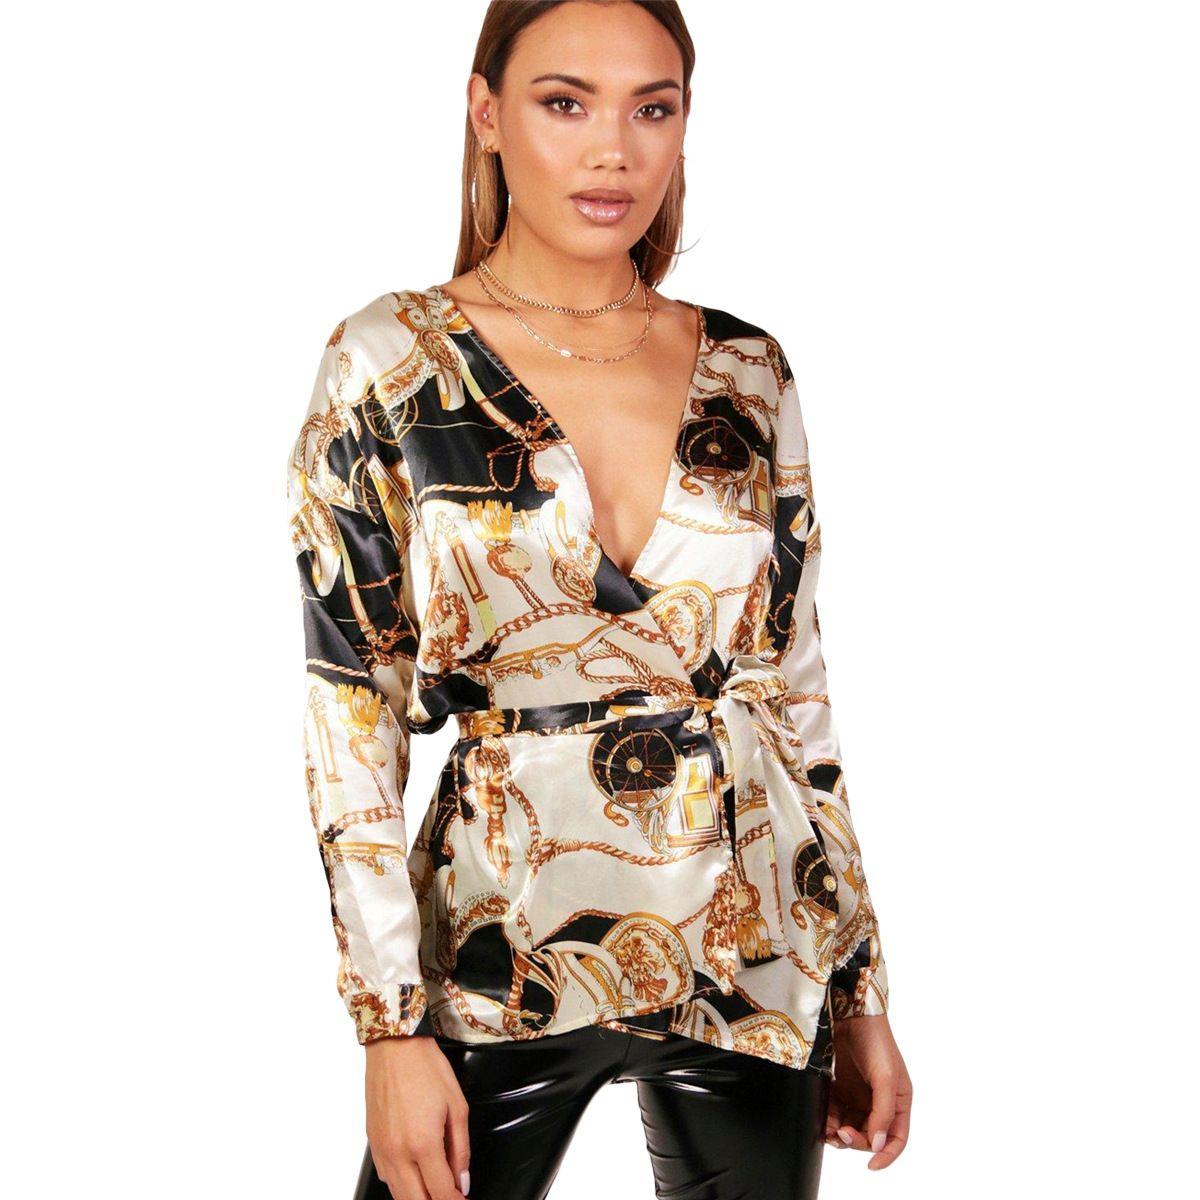 Модные женщины V-образным вырезом блузки модные дизайнерские рубашки весной пояс дизайн элегантные верхушки с длинными рукавами